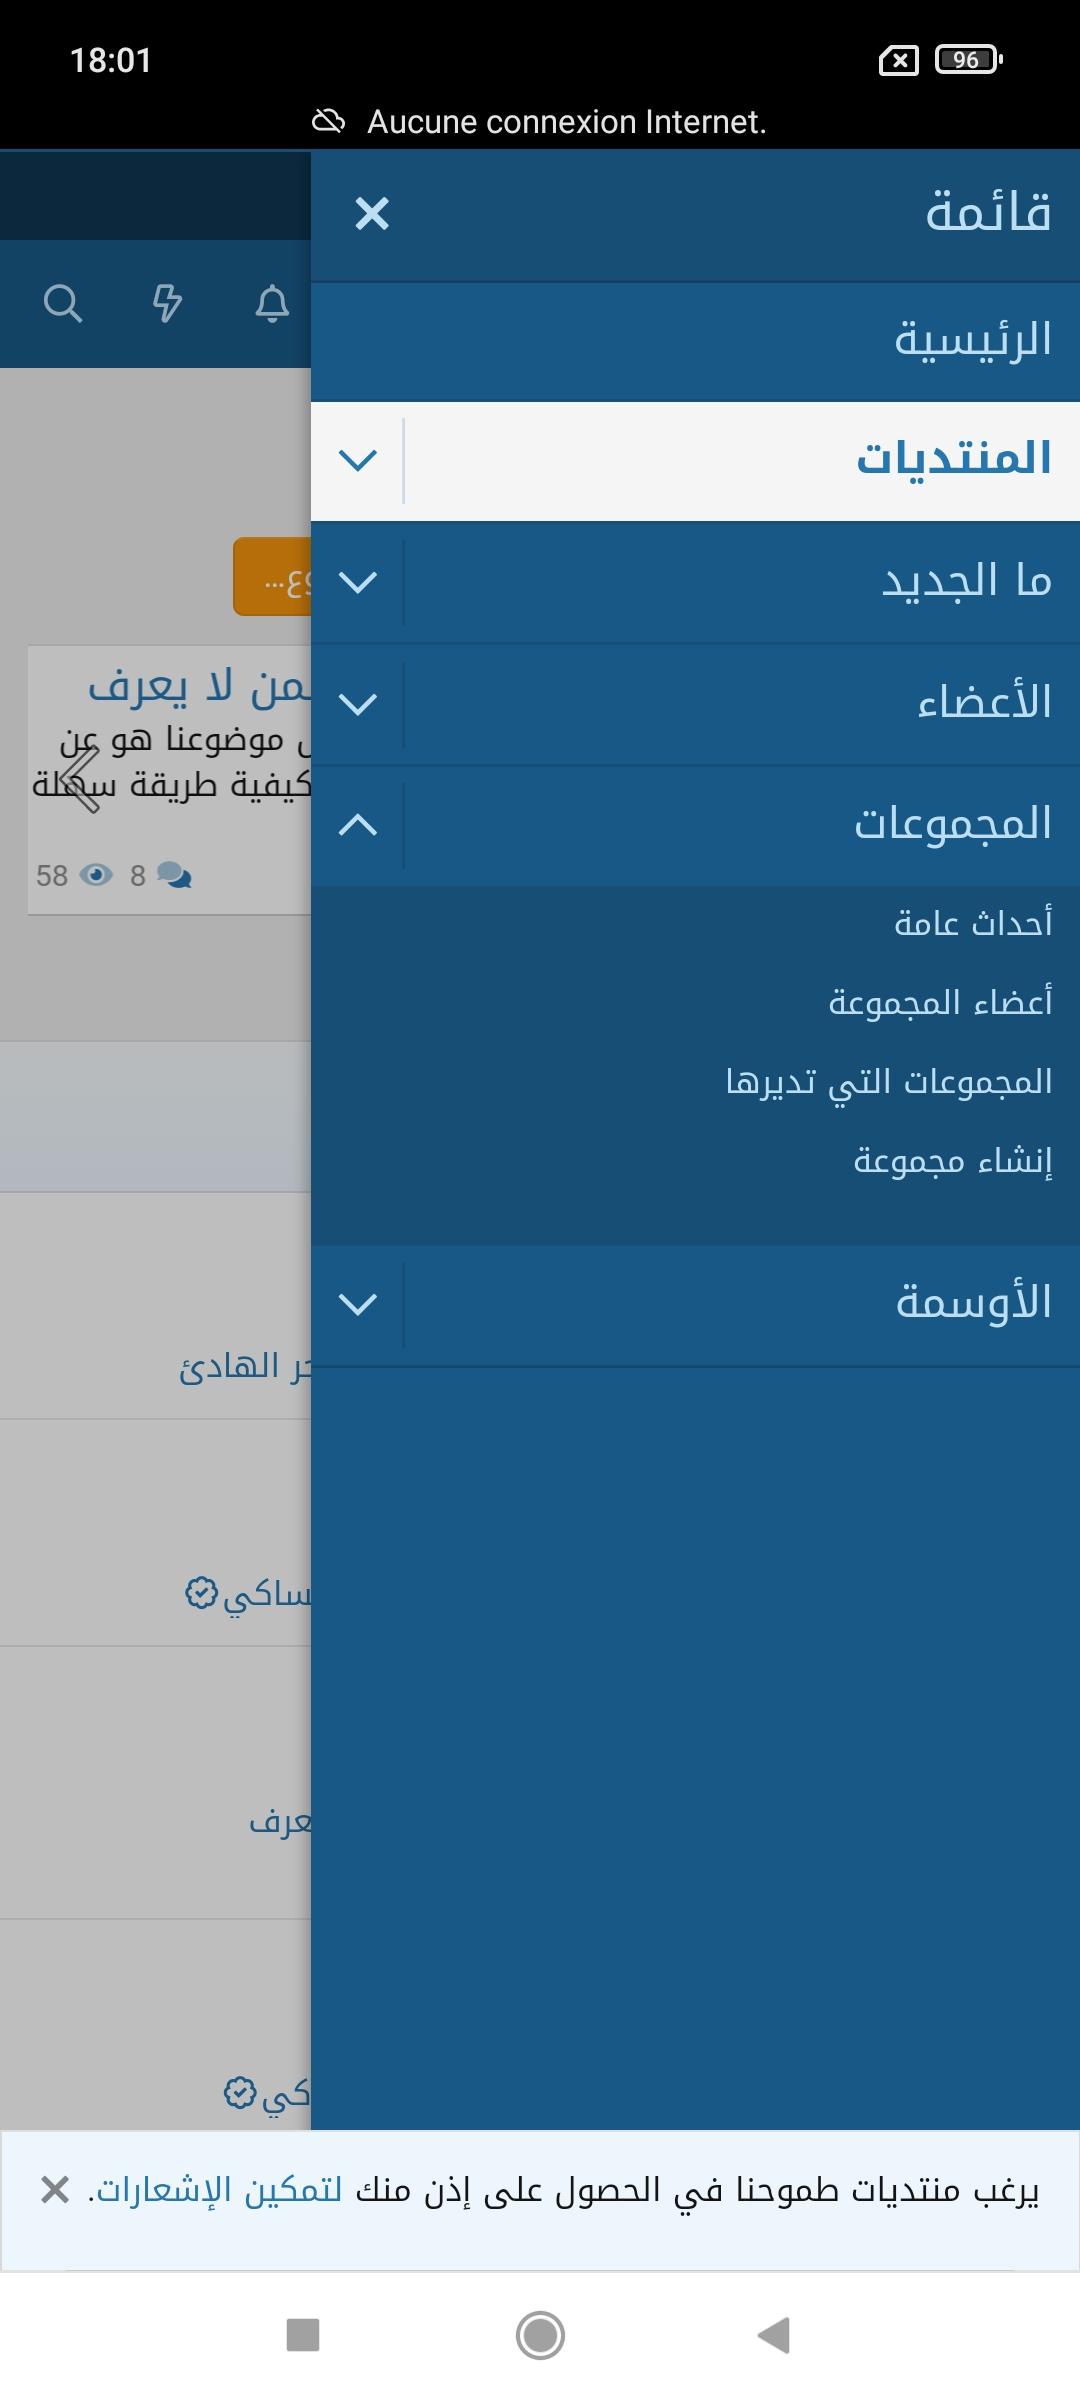 Screenshot_2021-10-11-18-01-02-047_com.android.chrome.jpg